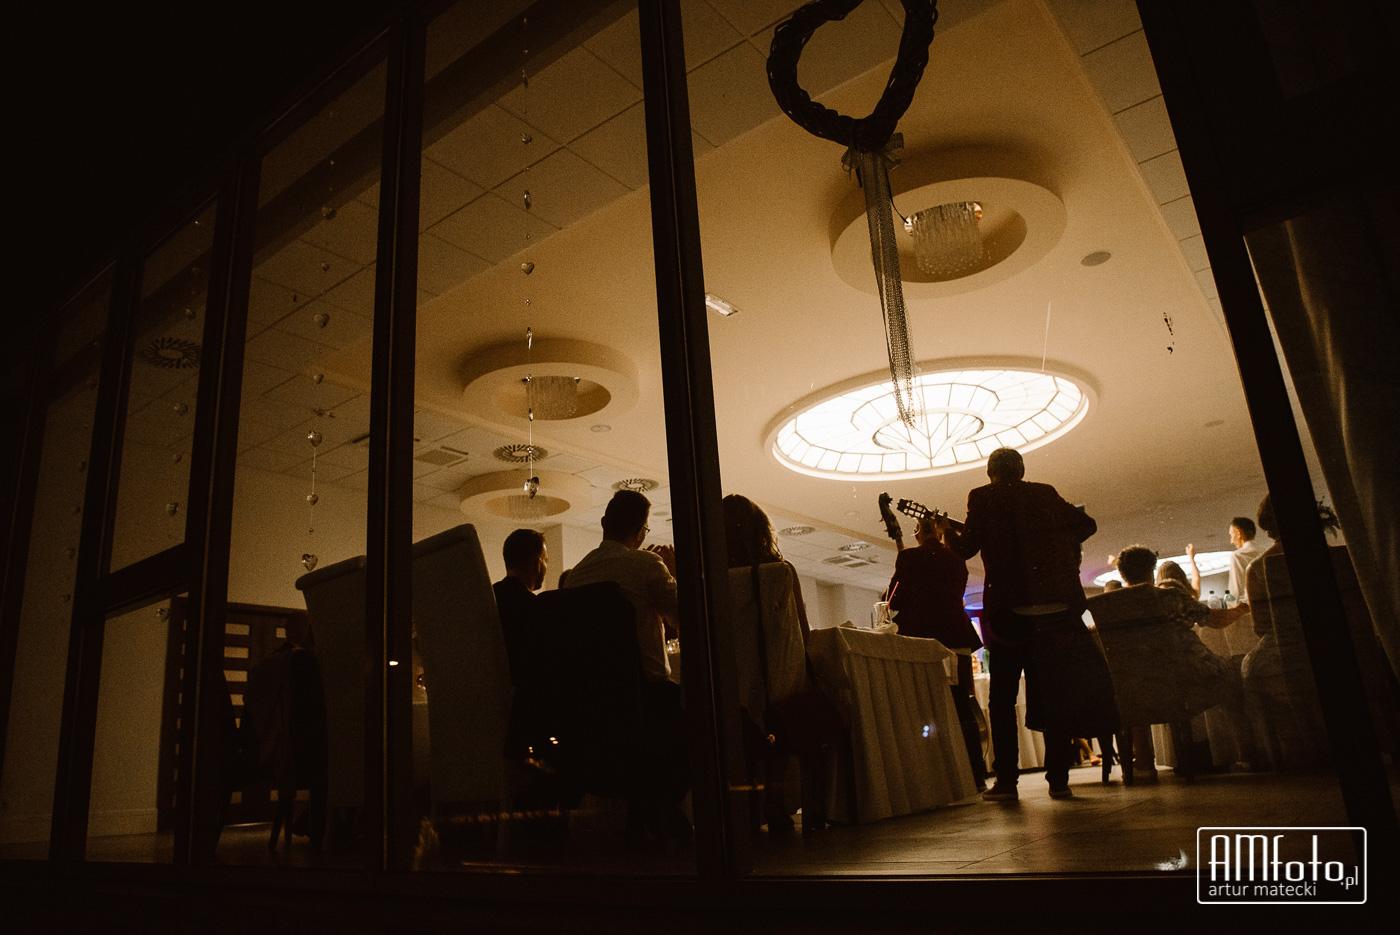 1102_Renata&Jakub_fotoreportaz_zdzieszowice_gogolin_hotel_vertigo____www-amfoto-pl__AMF_8406.jpg